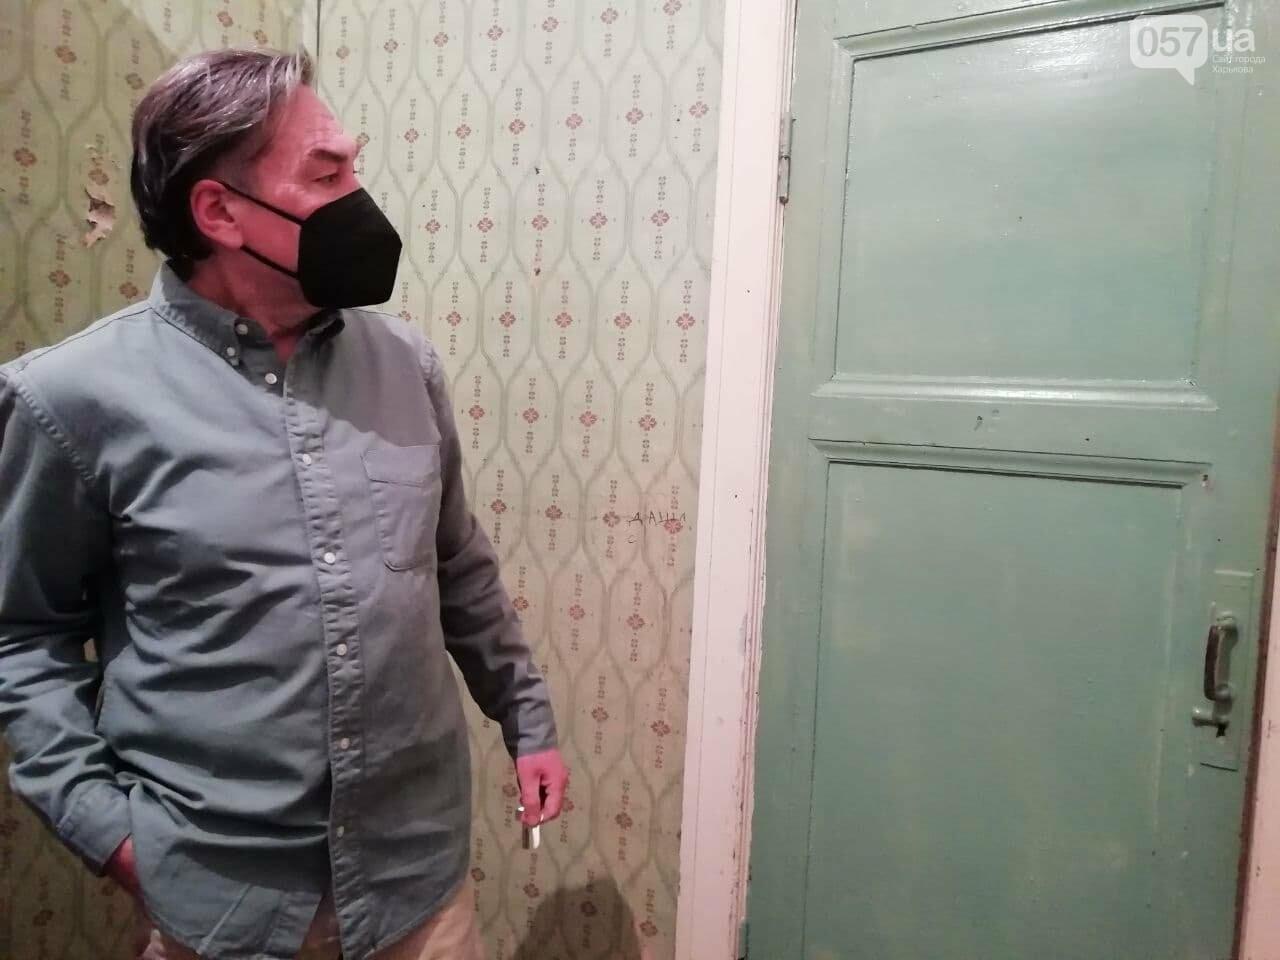 Квартира Шевелева в центра Харькова стала творческой резиденцией, - ФОТО, ВИДЕО, фото-5